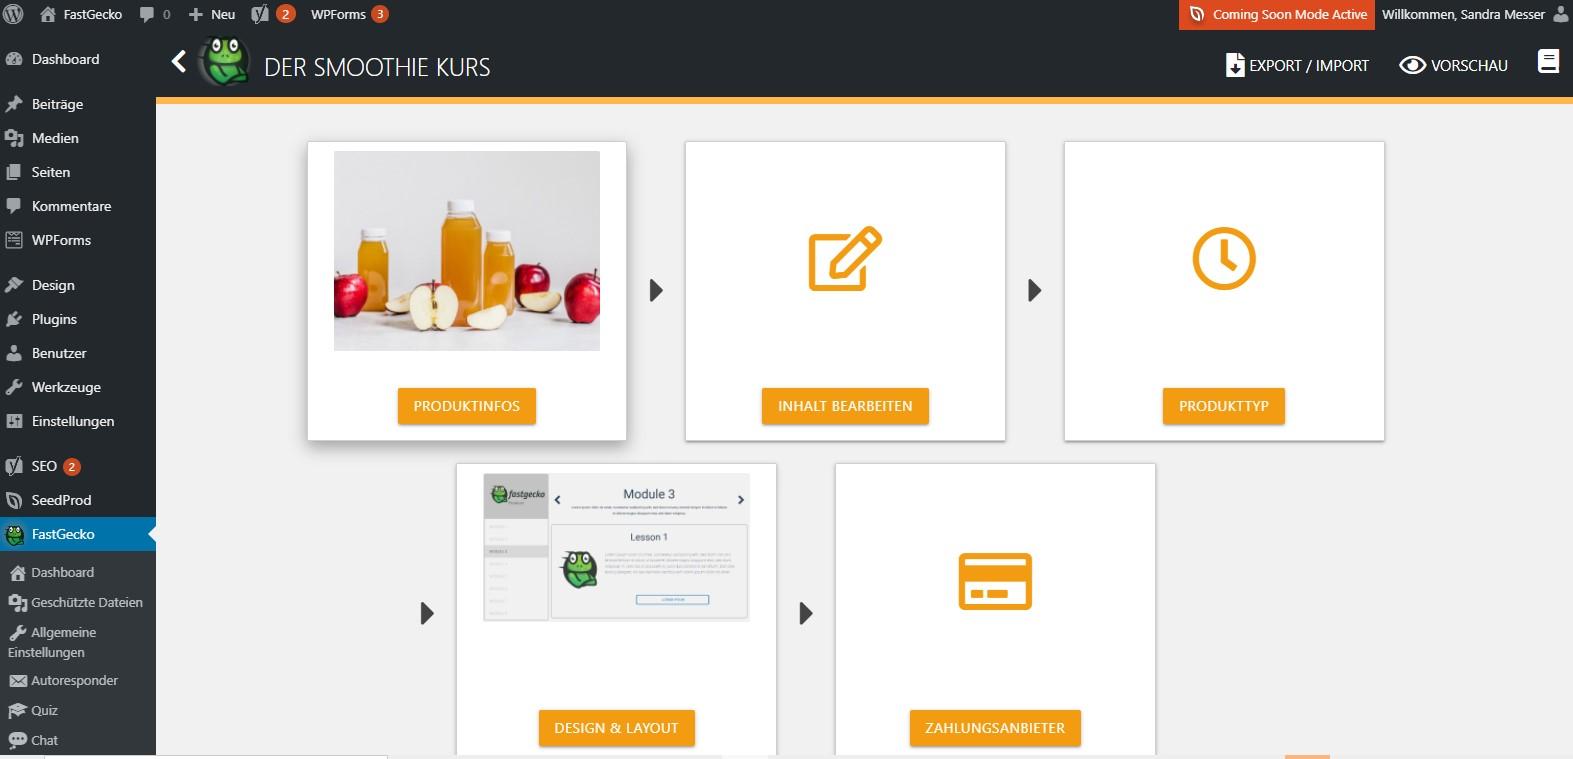 FastGecko Online Kurs Plugin WordPress